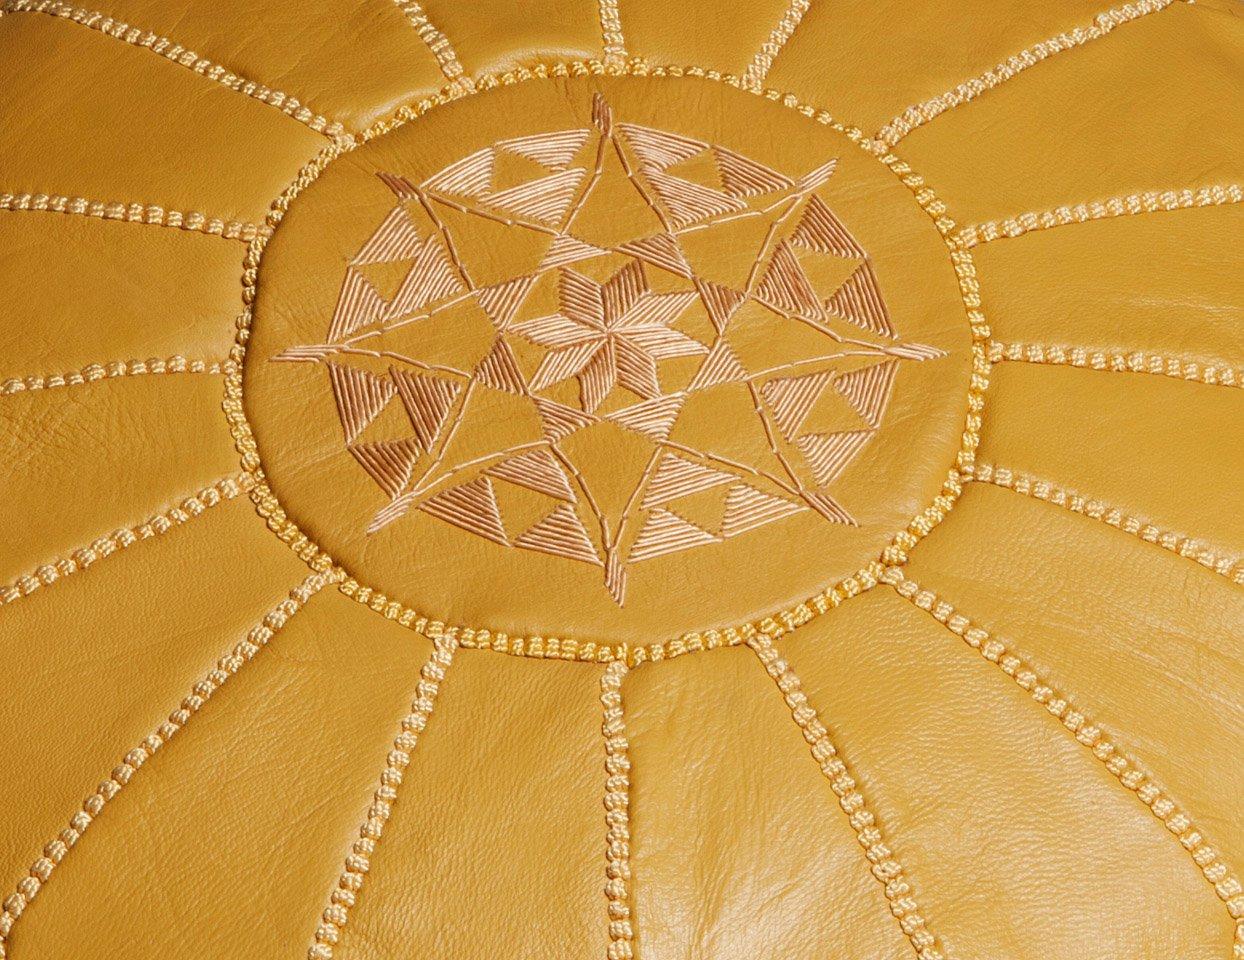 Moroccan Buzz Cubierta de cuero superior otomana puf Mostaza amarilla